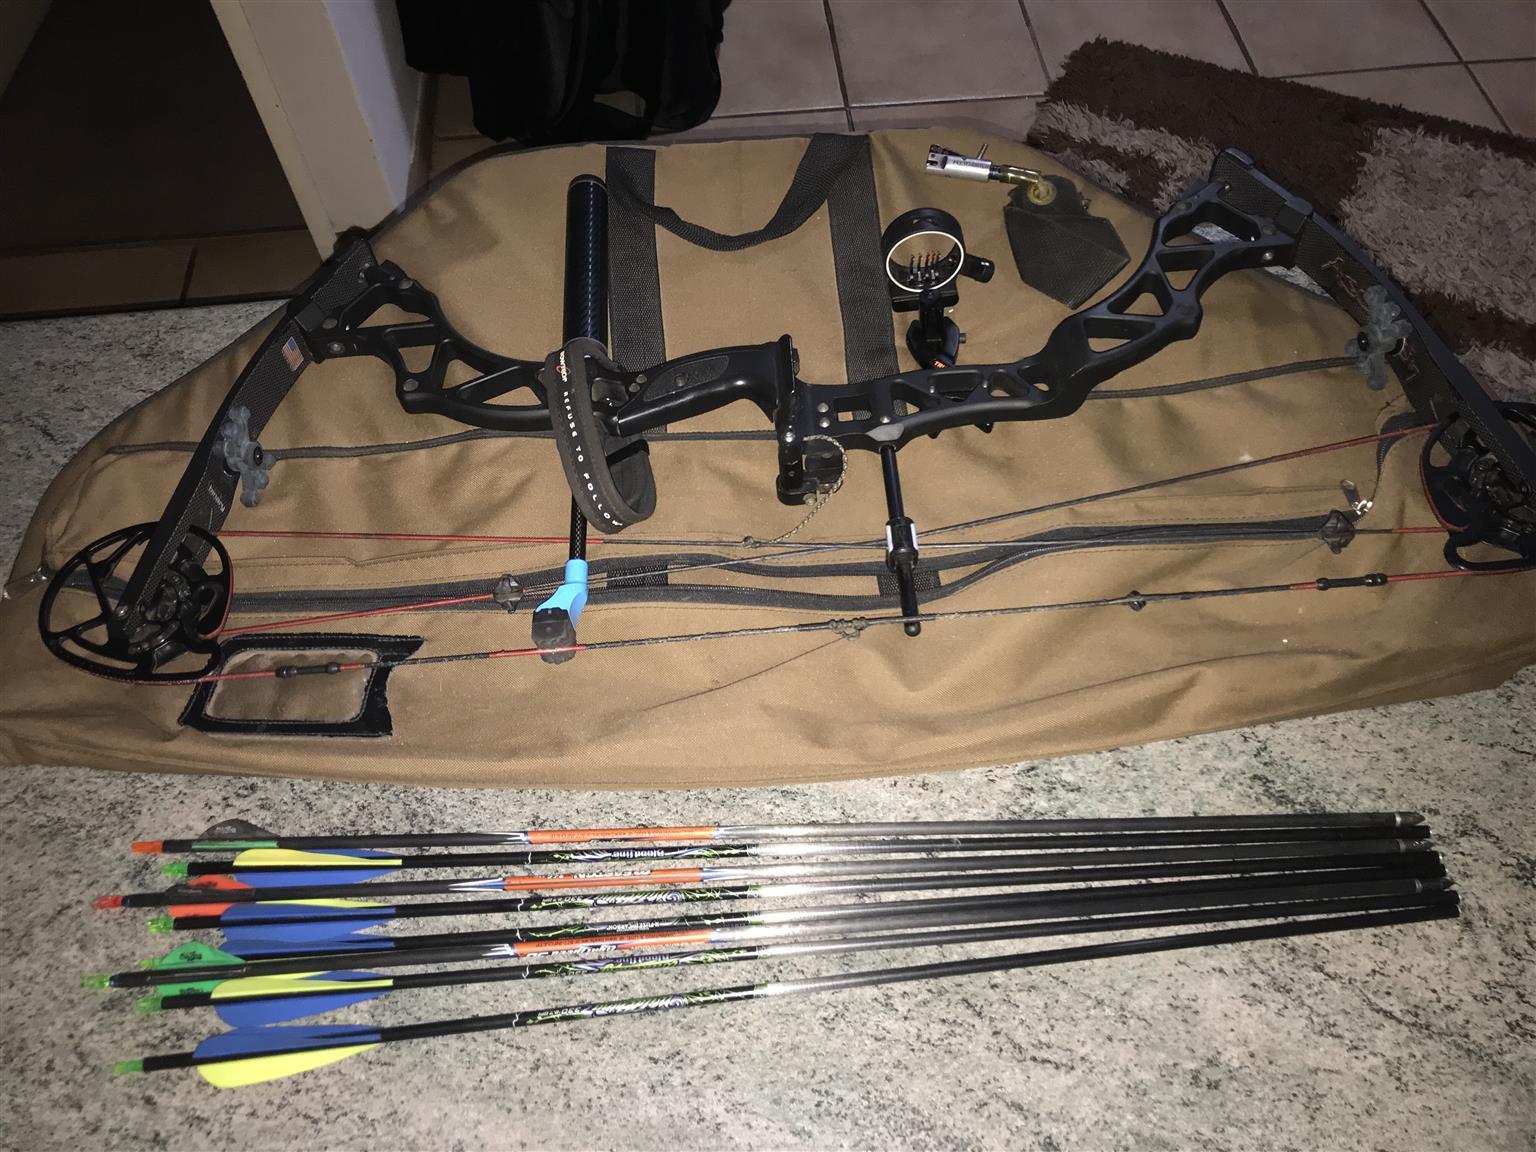 Bowtech Assasin bow for sale